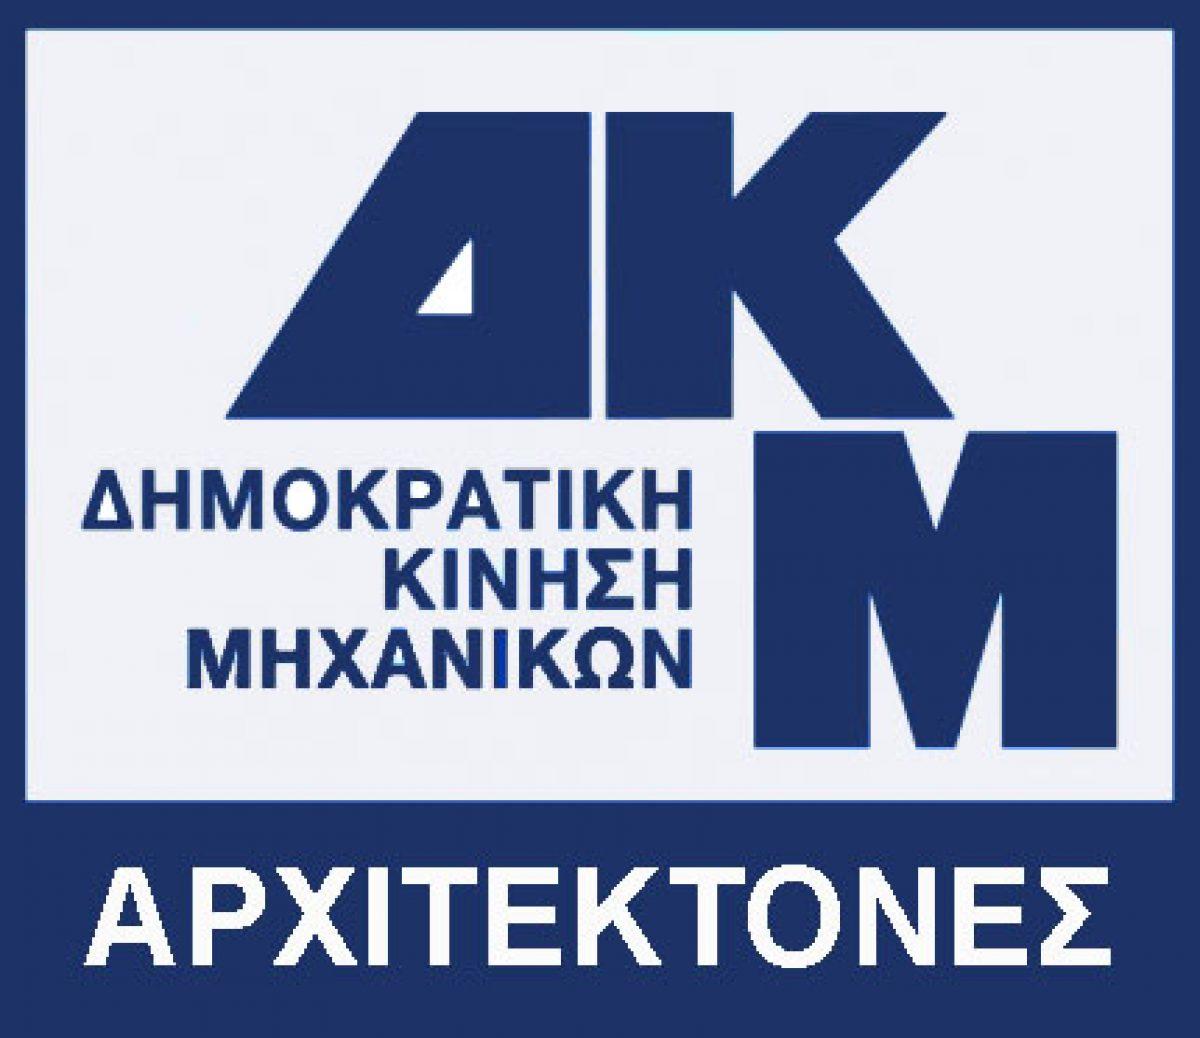 Βασικές Αρχές για την συγκρότηση του νέου ΔΣ ΣΑΔΑΣ – Πανελλήνιας Ένωσης Αρχιτεκτόνων  ΔΚΜ – ΑΡΧΙΤΕΚΤΟΝΕΣ